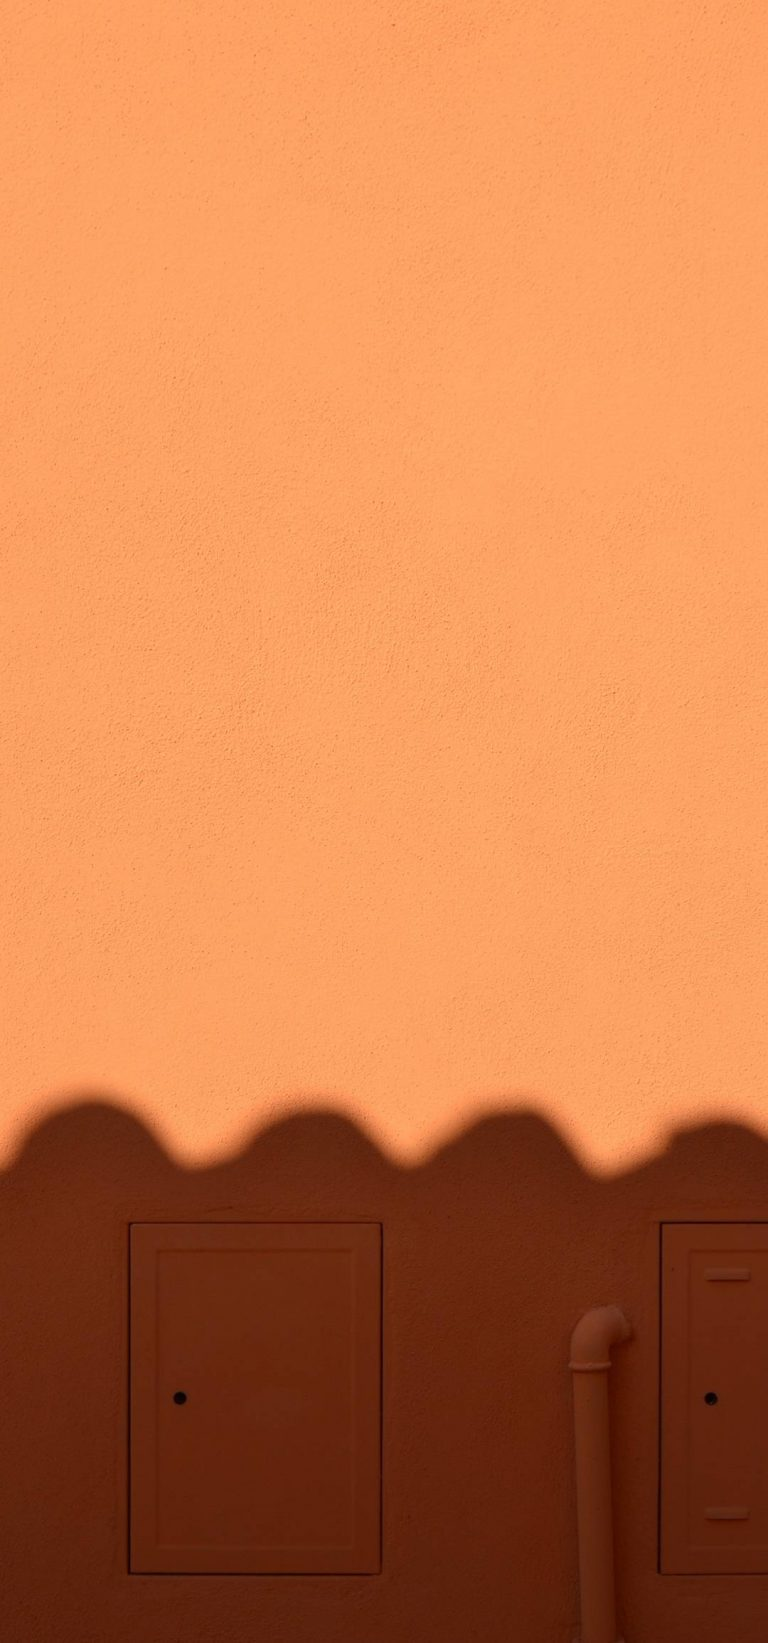 1080x2310 Wallpaper 099 768x1643